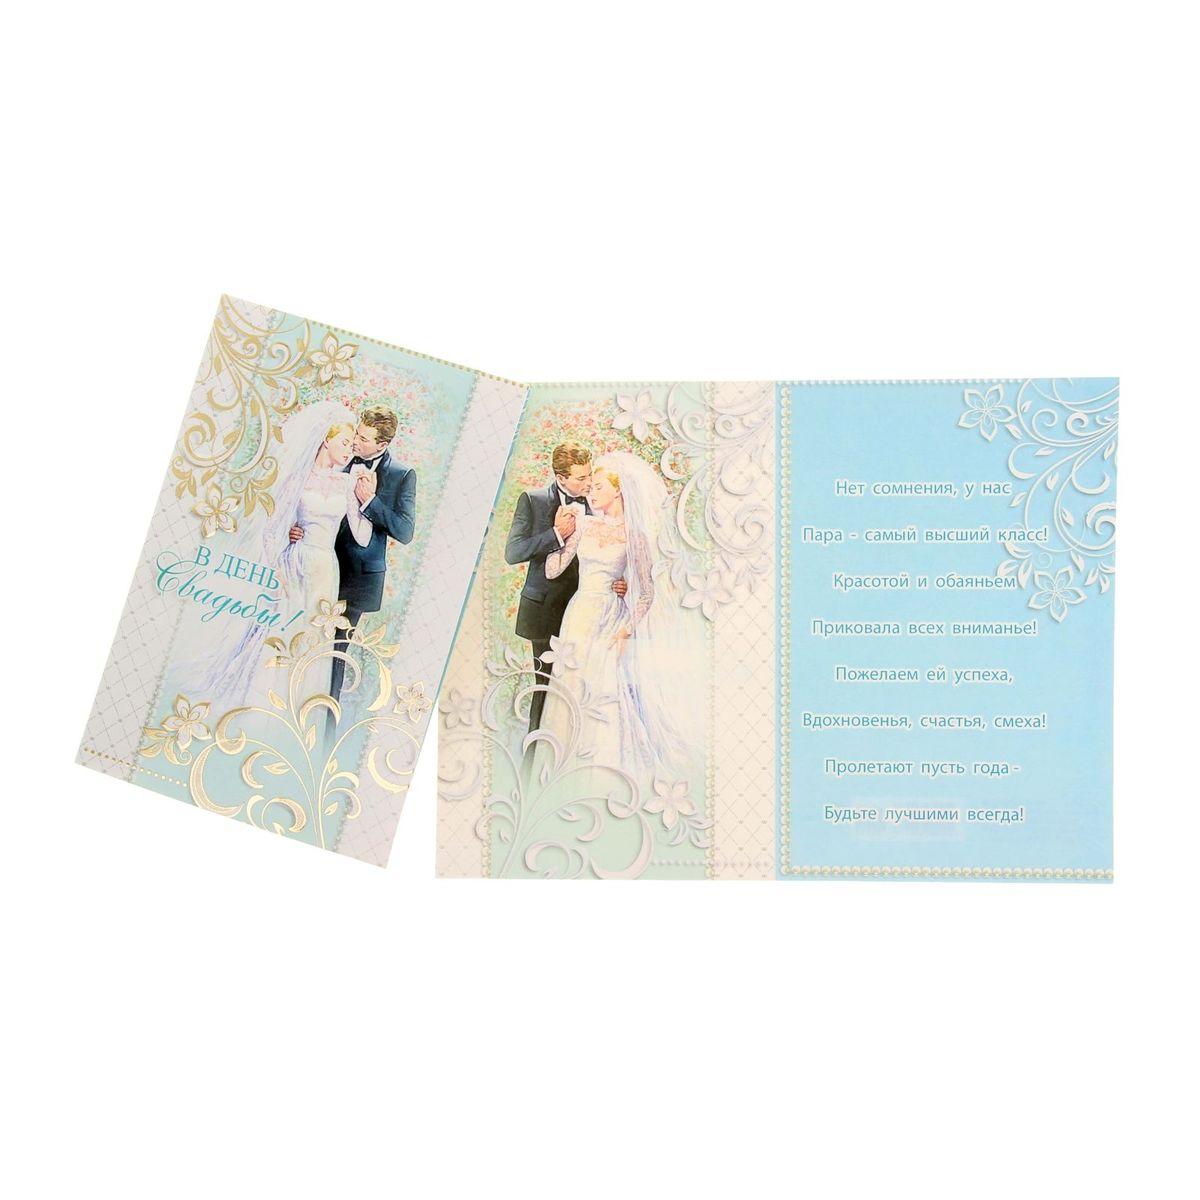 Открытка Sima-land В день свадьбы! Влюбленные1110944Если вы хотите порадовать себя или близких, создать праздничное настроение и с улыбкой провести памятный день, то вы, несомненно, сделали правильный выбор! Открытка Sima-land В день свадьбы! Влюбленные, выполненная из плотной бумаги, отличается не только оригинальным дизайном, но и высоким качеством. Лицевая сторона изделия оформлена ярким изображением. Внутри открытка содержит текст с поздравлением. Такая открытка непременно порадует получателя и станет отличным напоминанием о проведенном вместе времени.